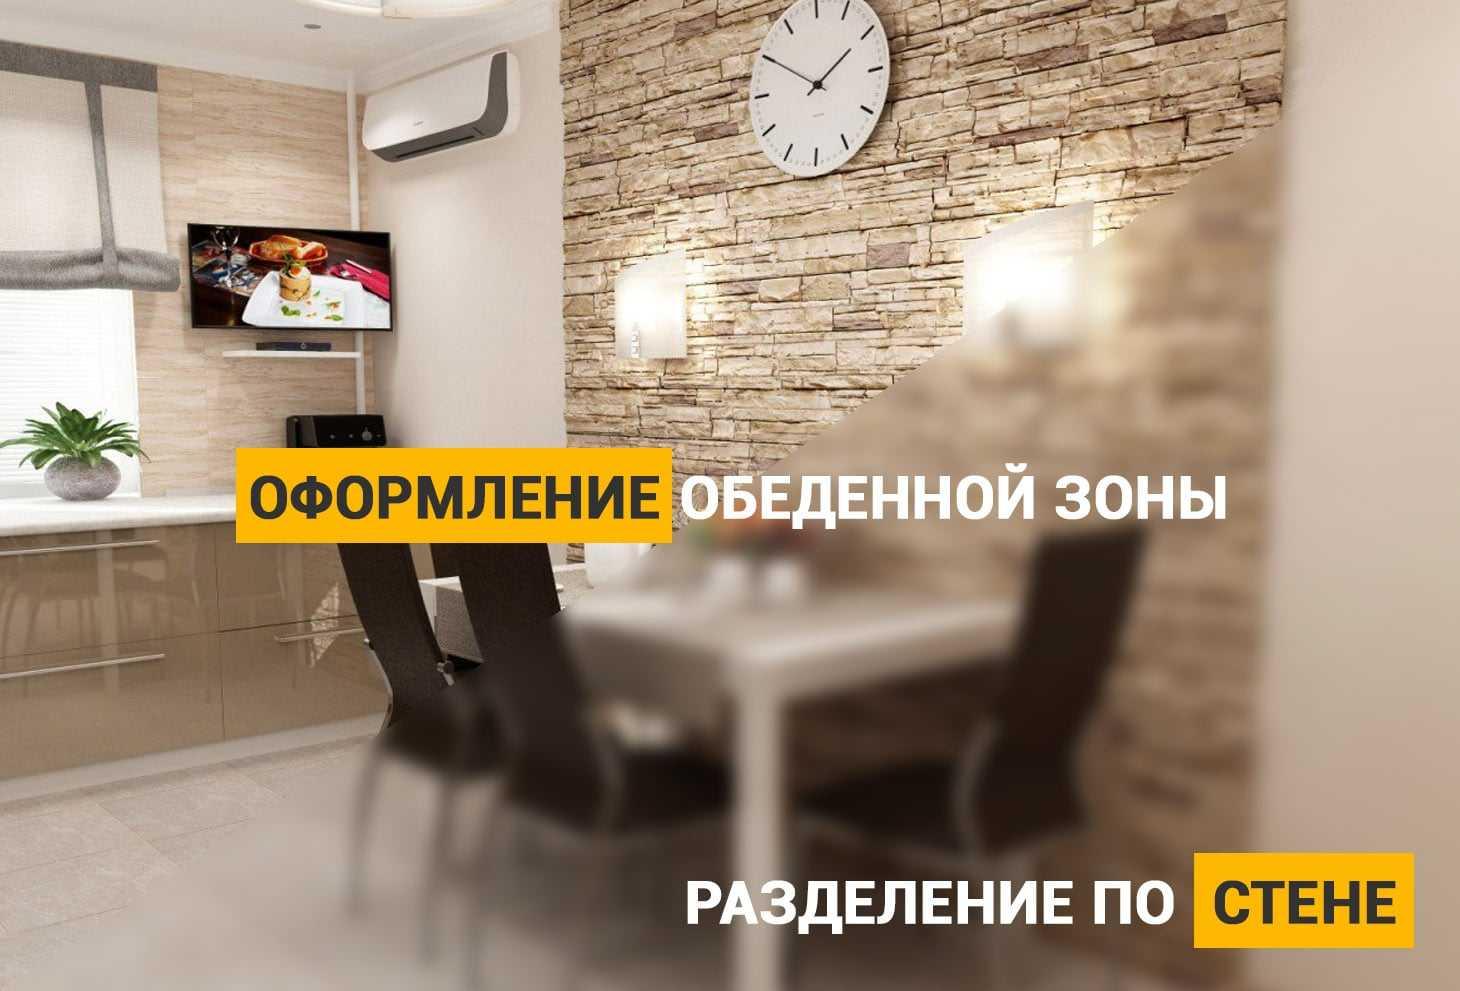 оформление обеденной зоны на кухне по стене